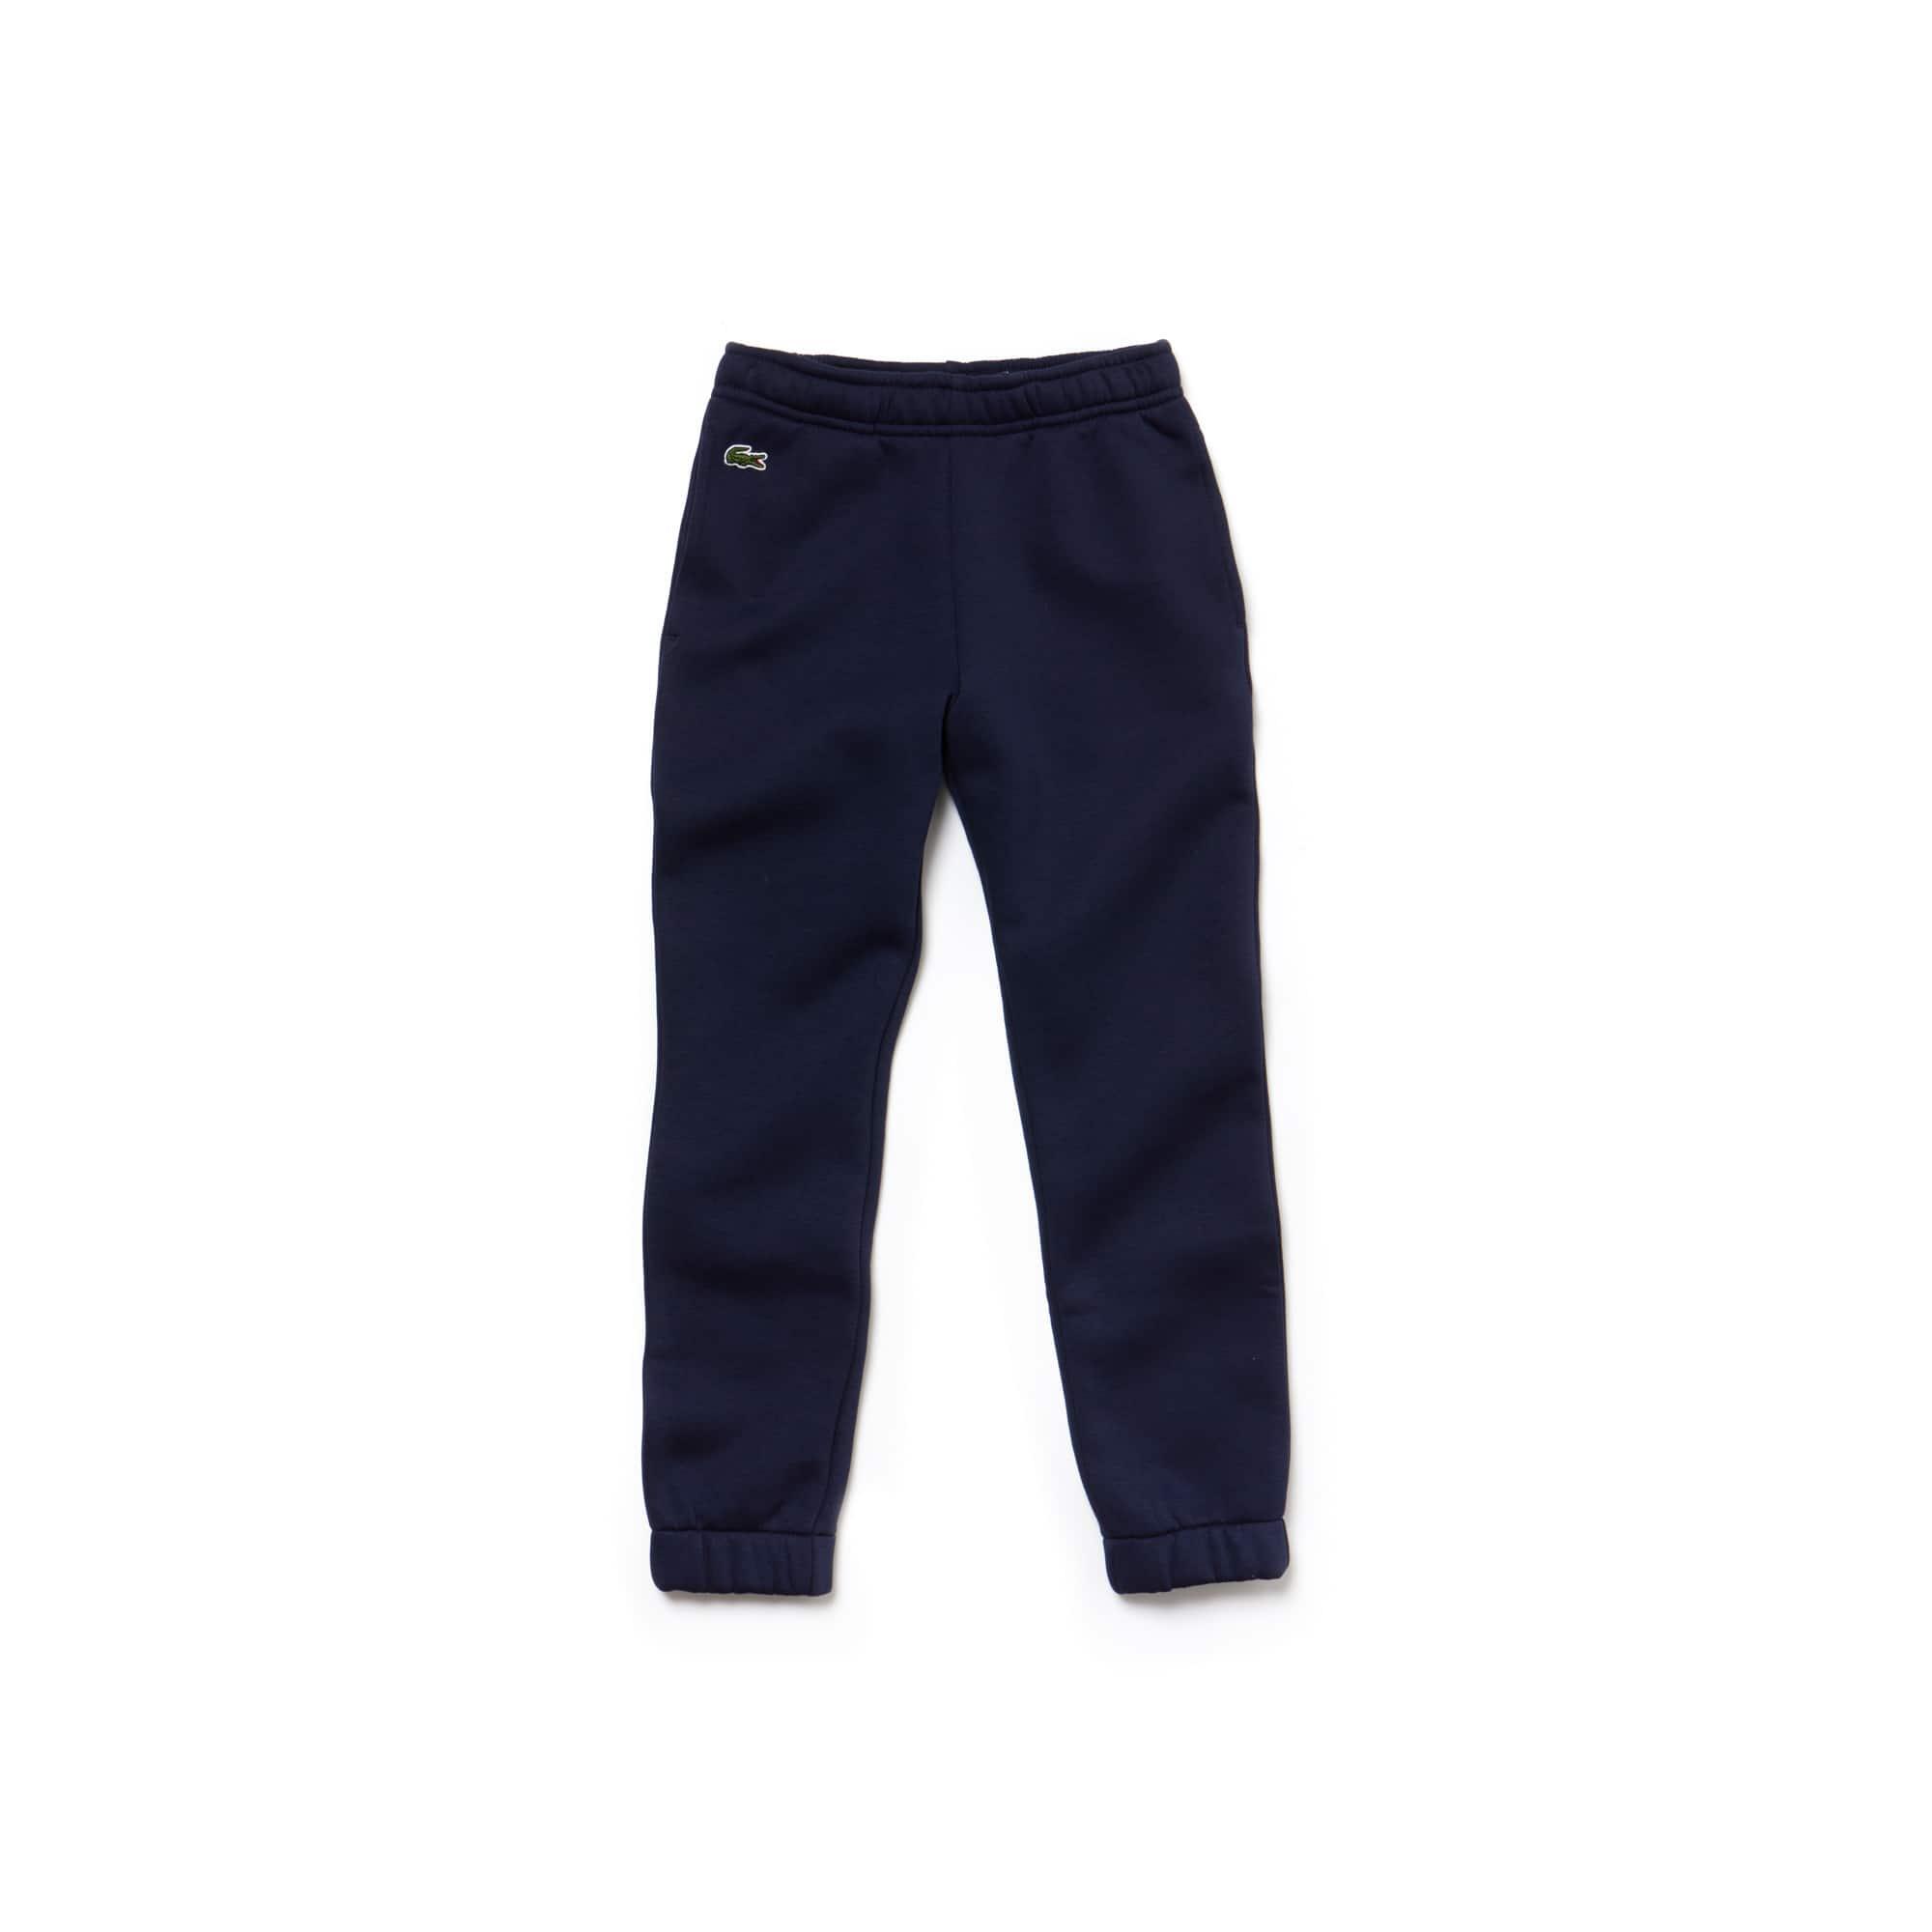 ab700791f8 Survêtements | Vêtements Enfant | LACOSTE SPORT